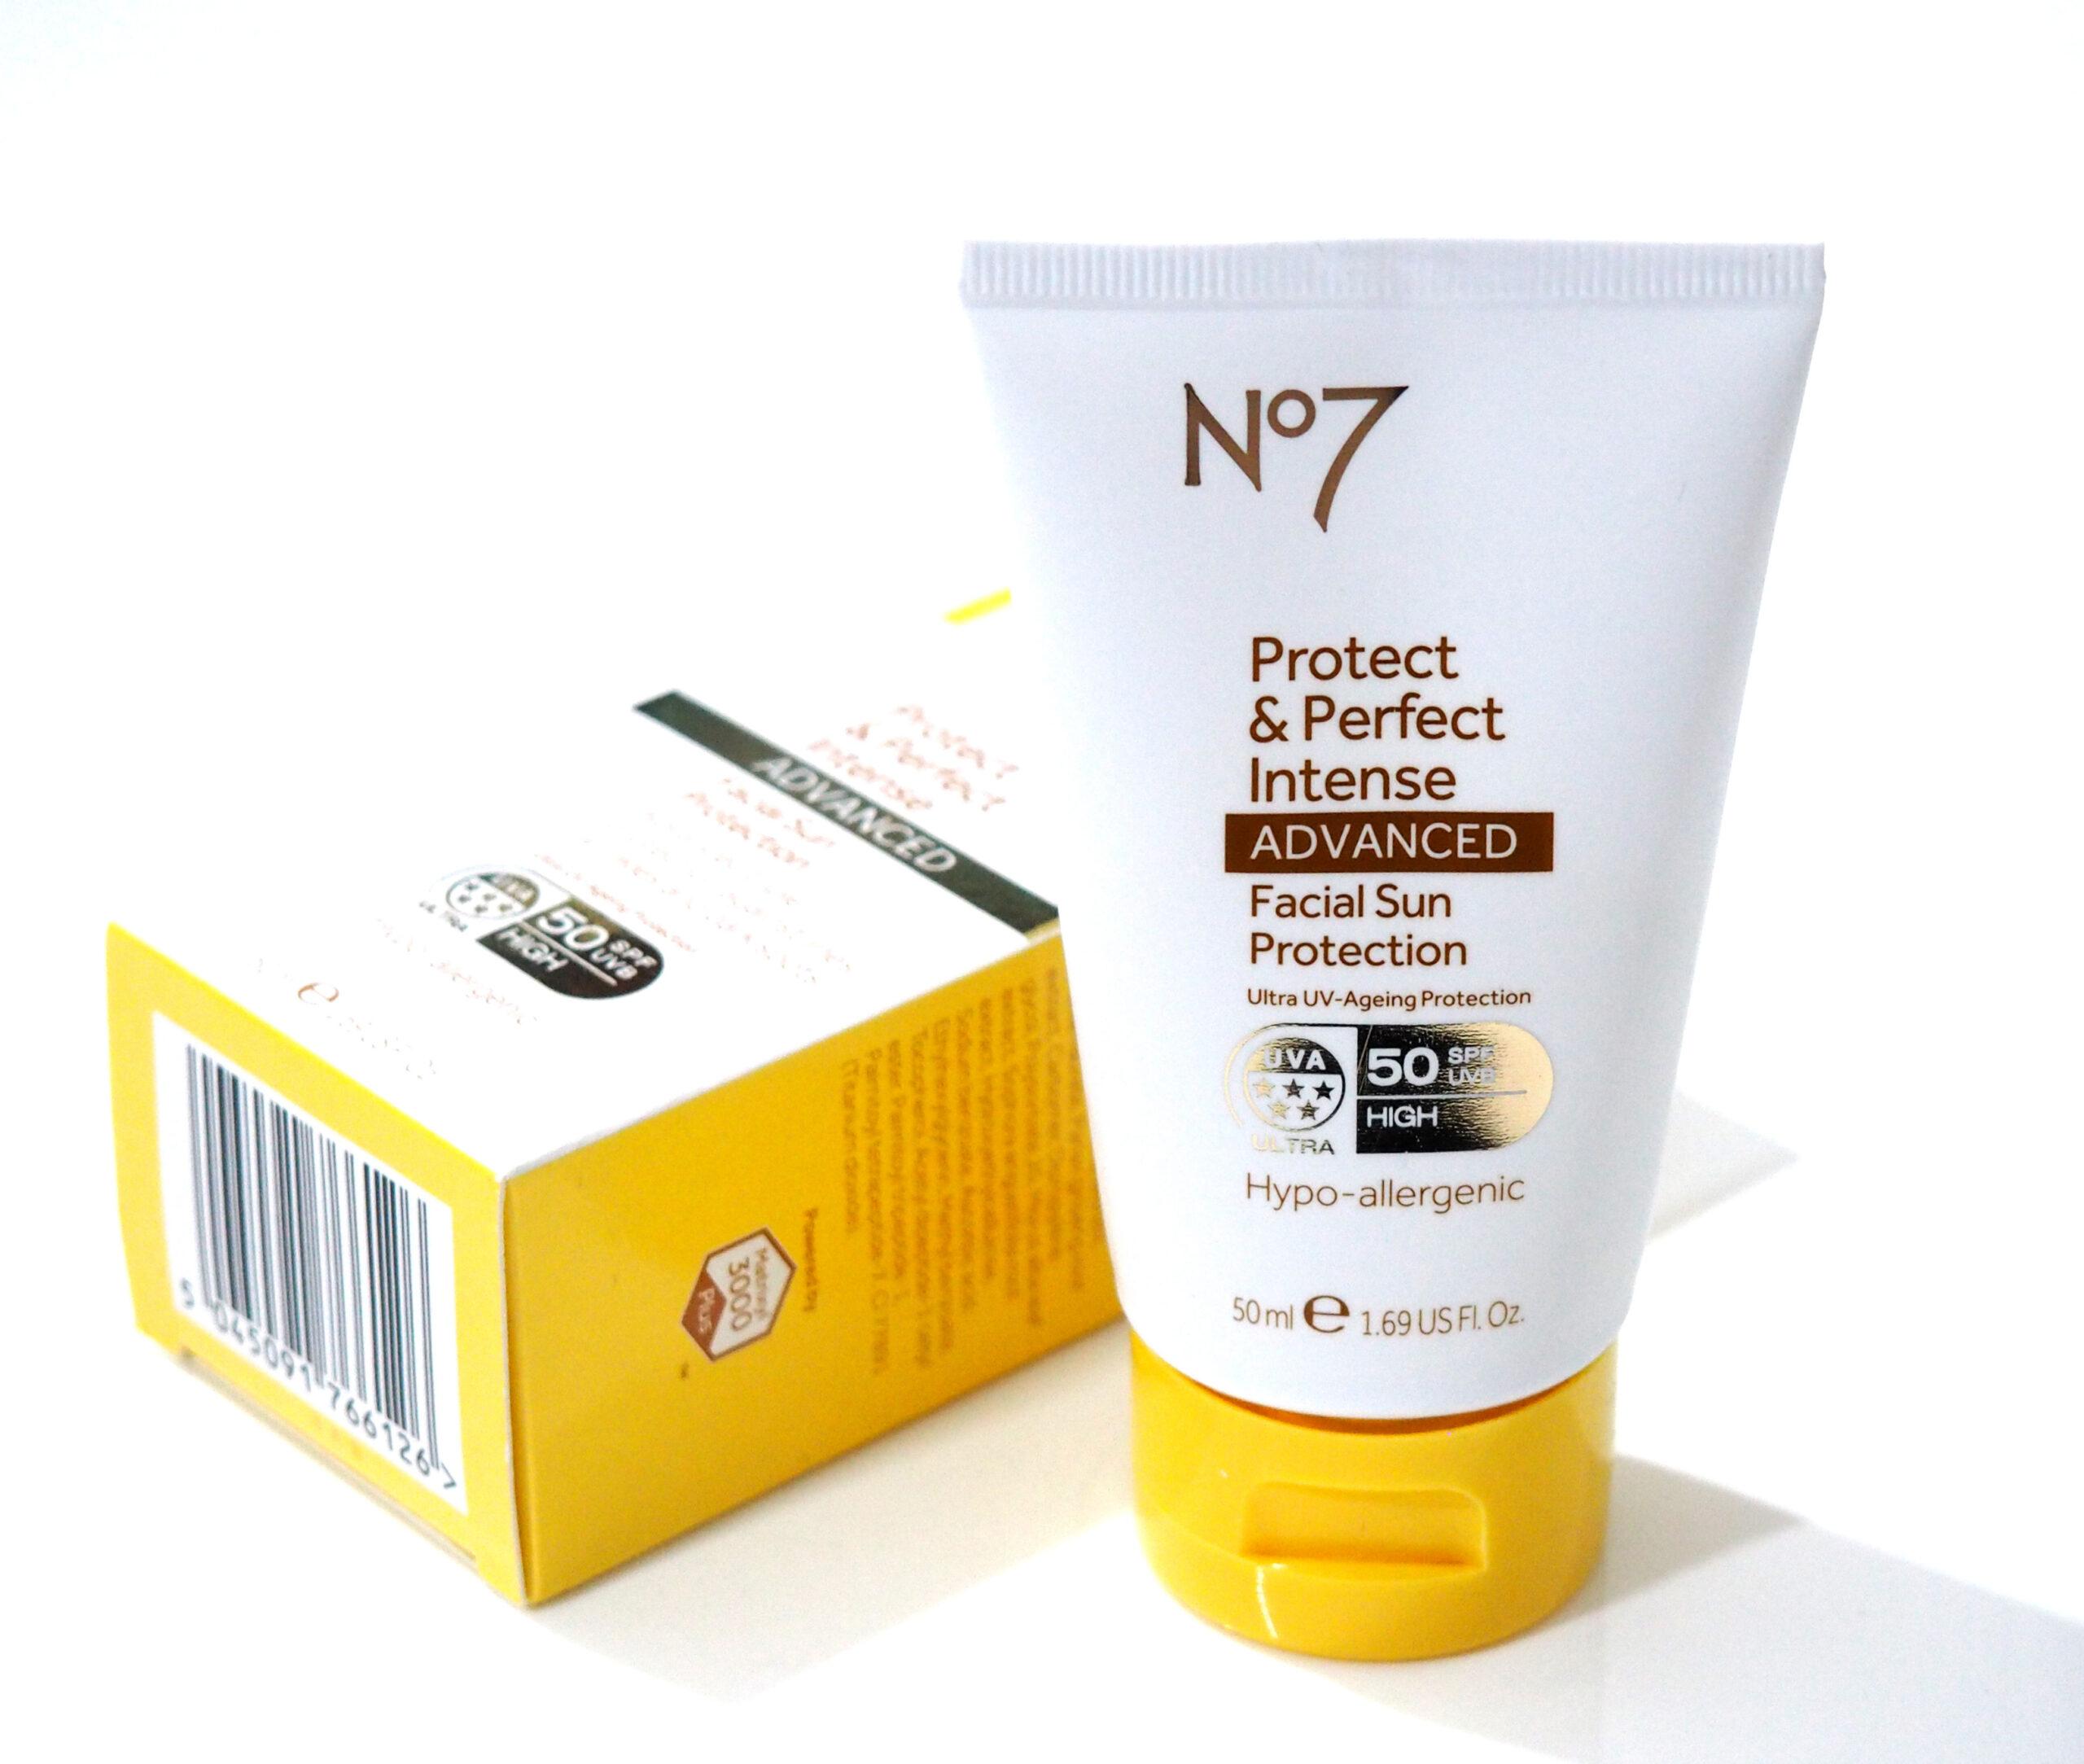 No7 Protect & Perfect Intense Advanced Facial Sun Protection SPF50